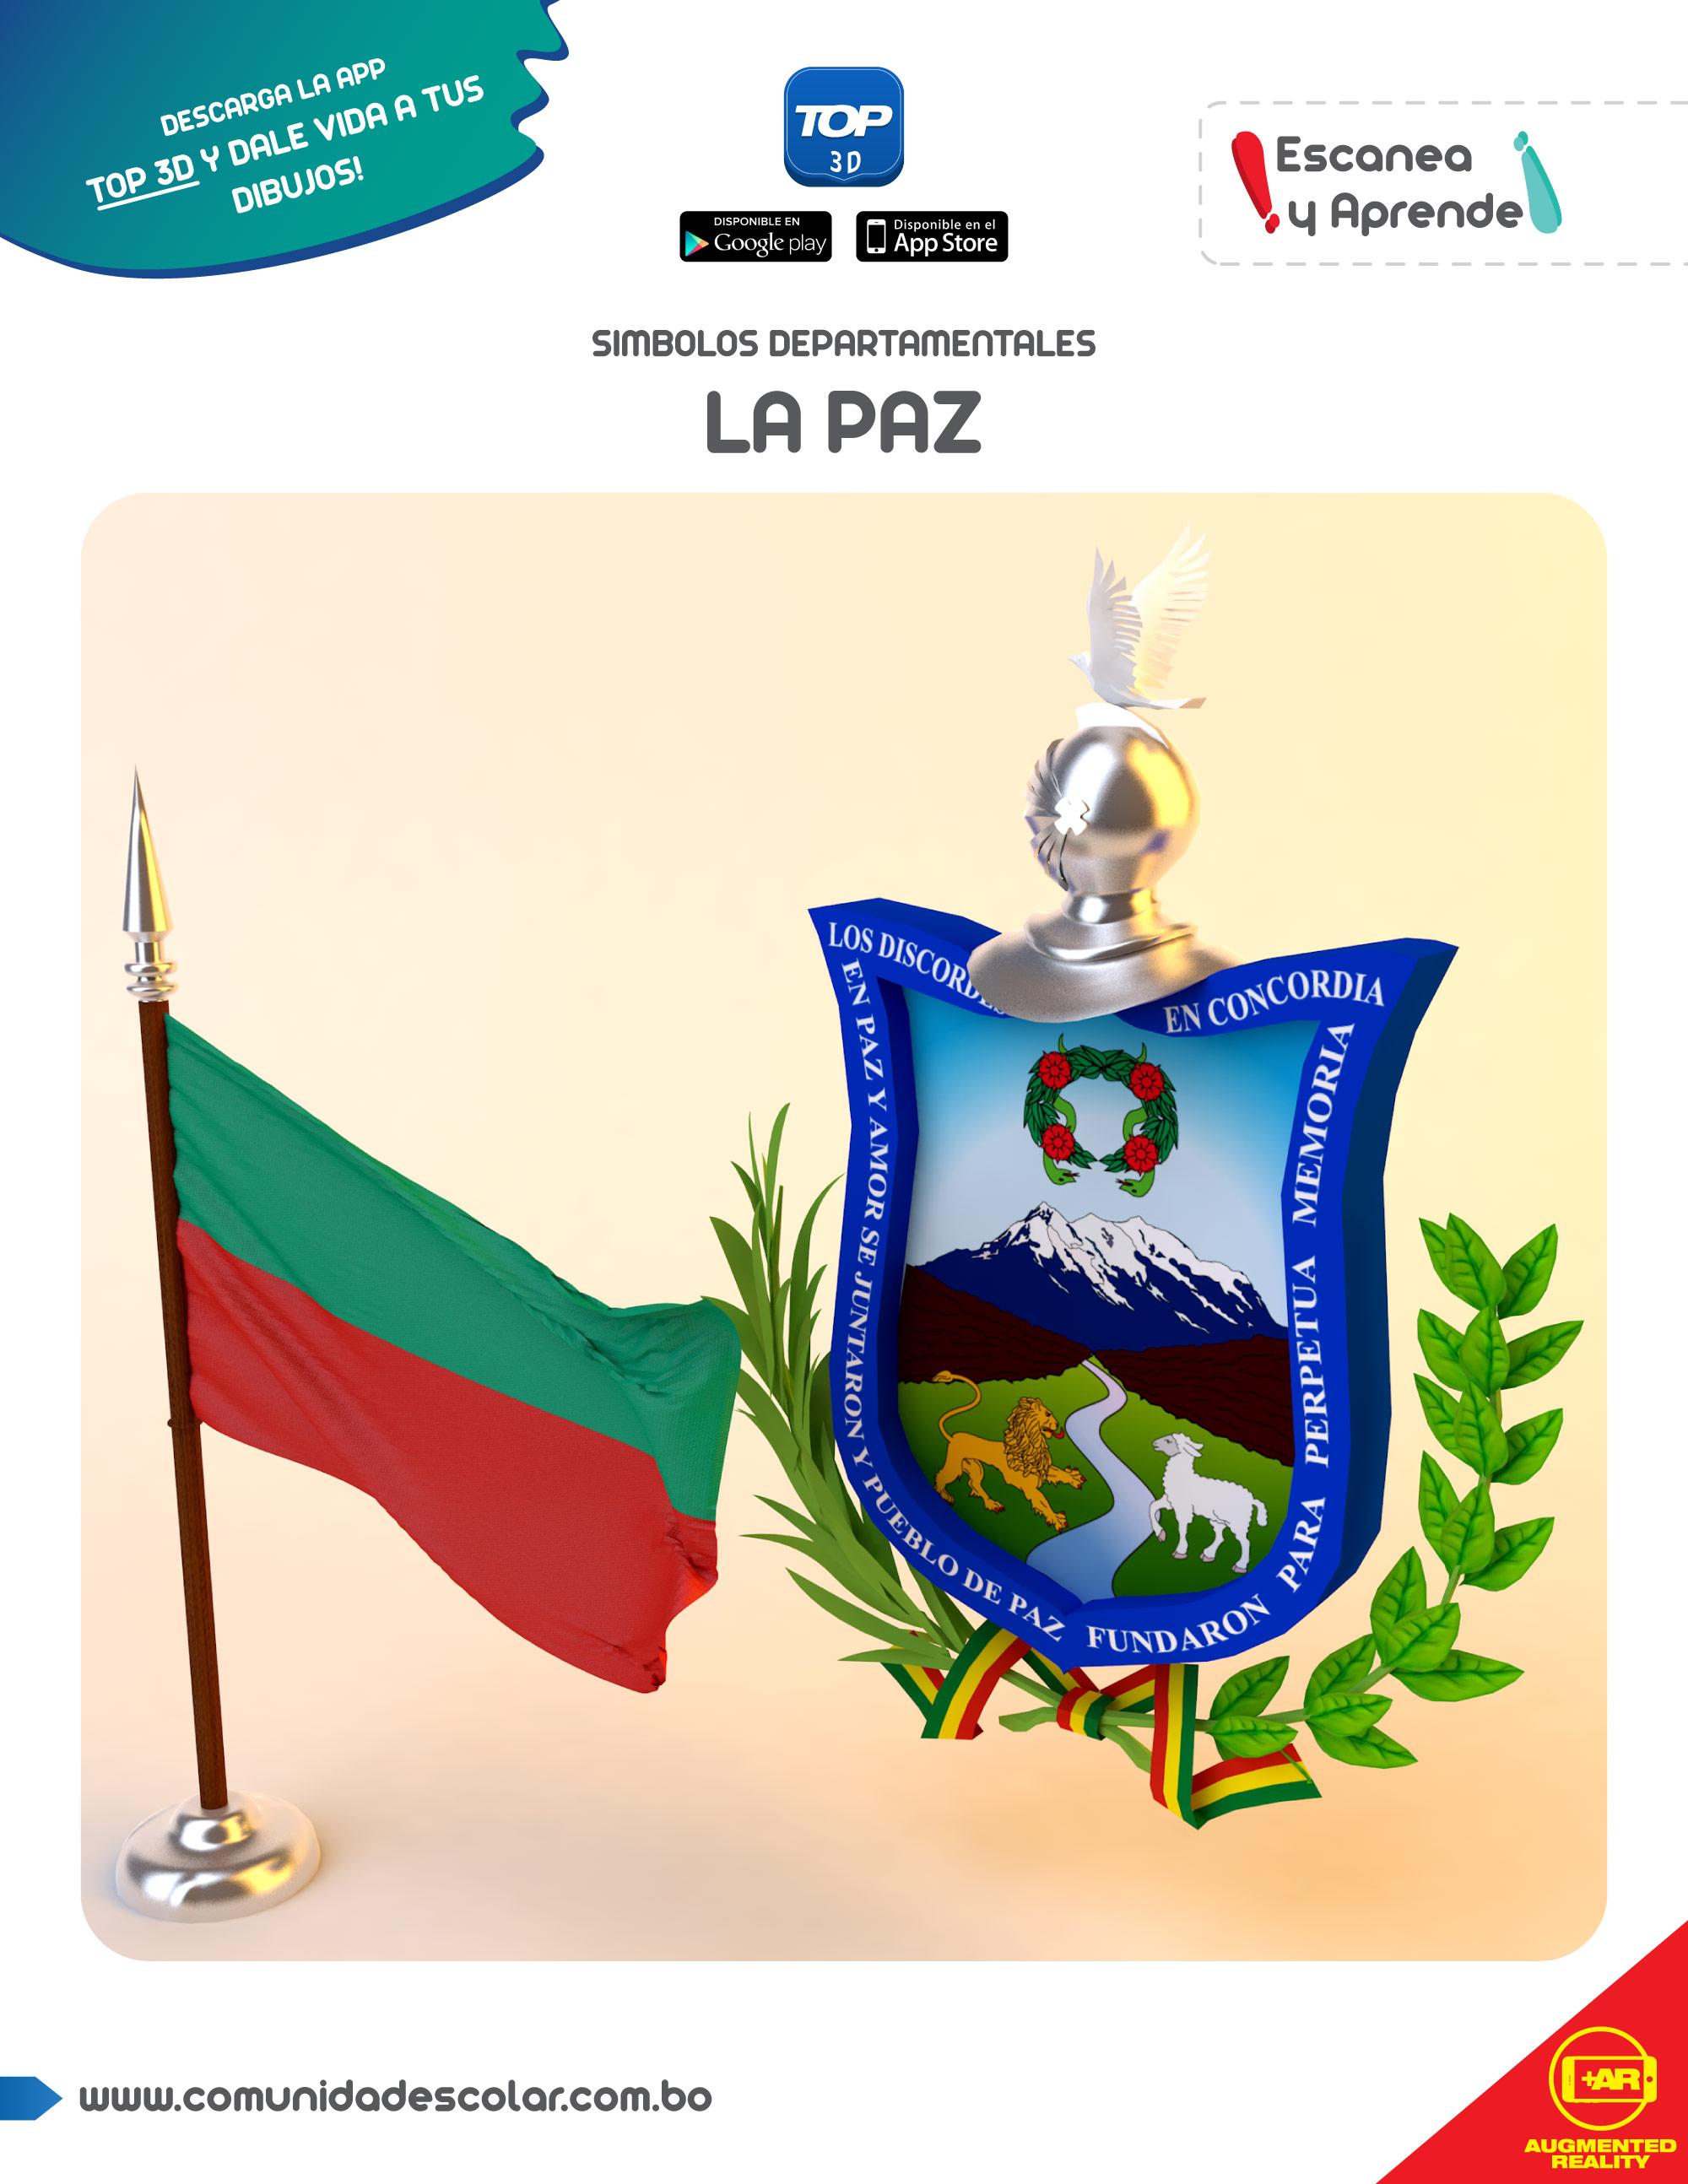 Símbolos del departamento de La Paz